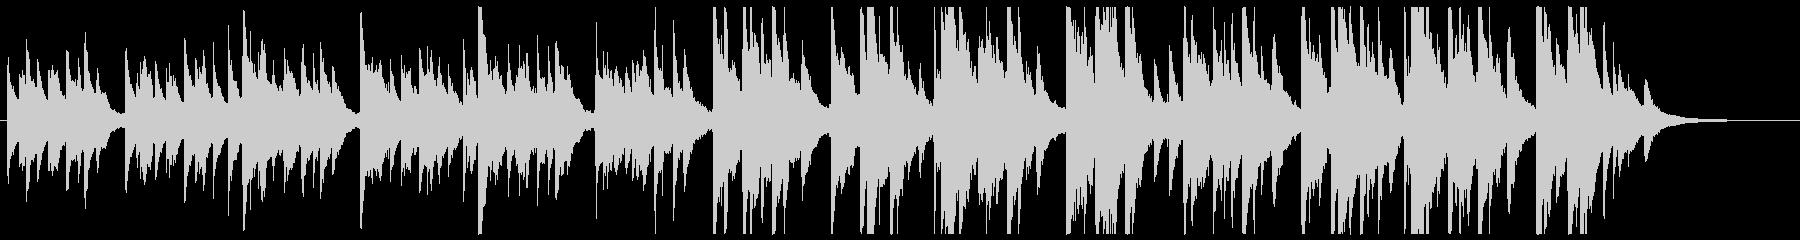 シロツメクサの未再生の波形